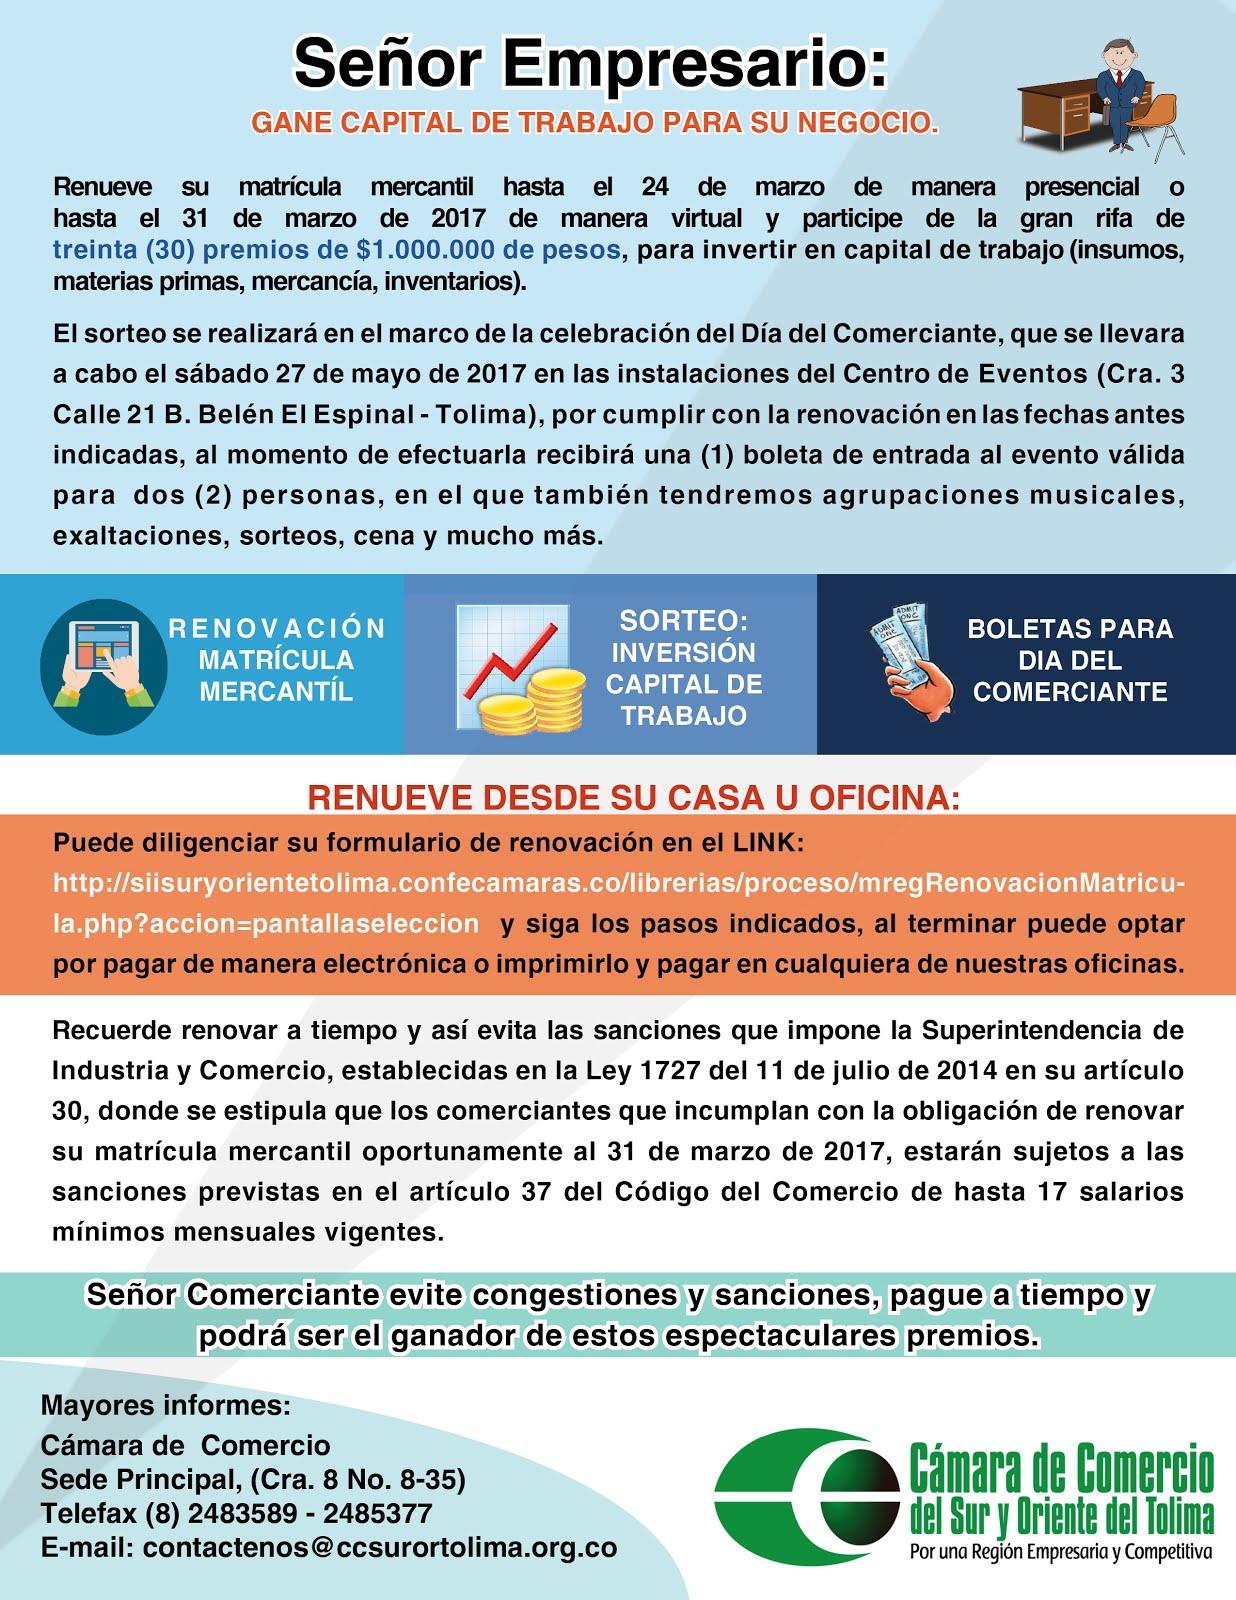 Blog de la Cámara de Comercio Sur y Oriente del Tolima: enero 2017